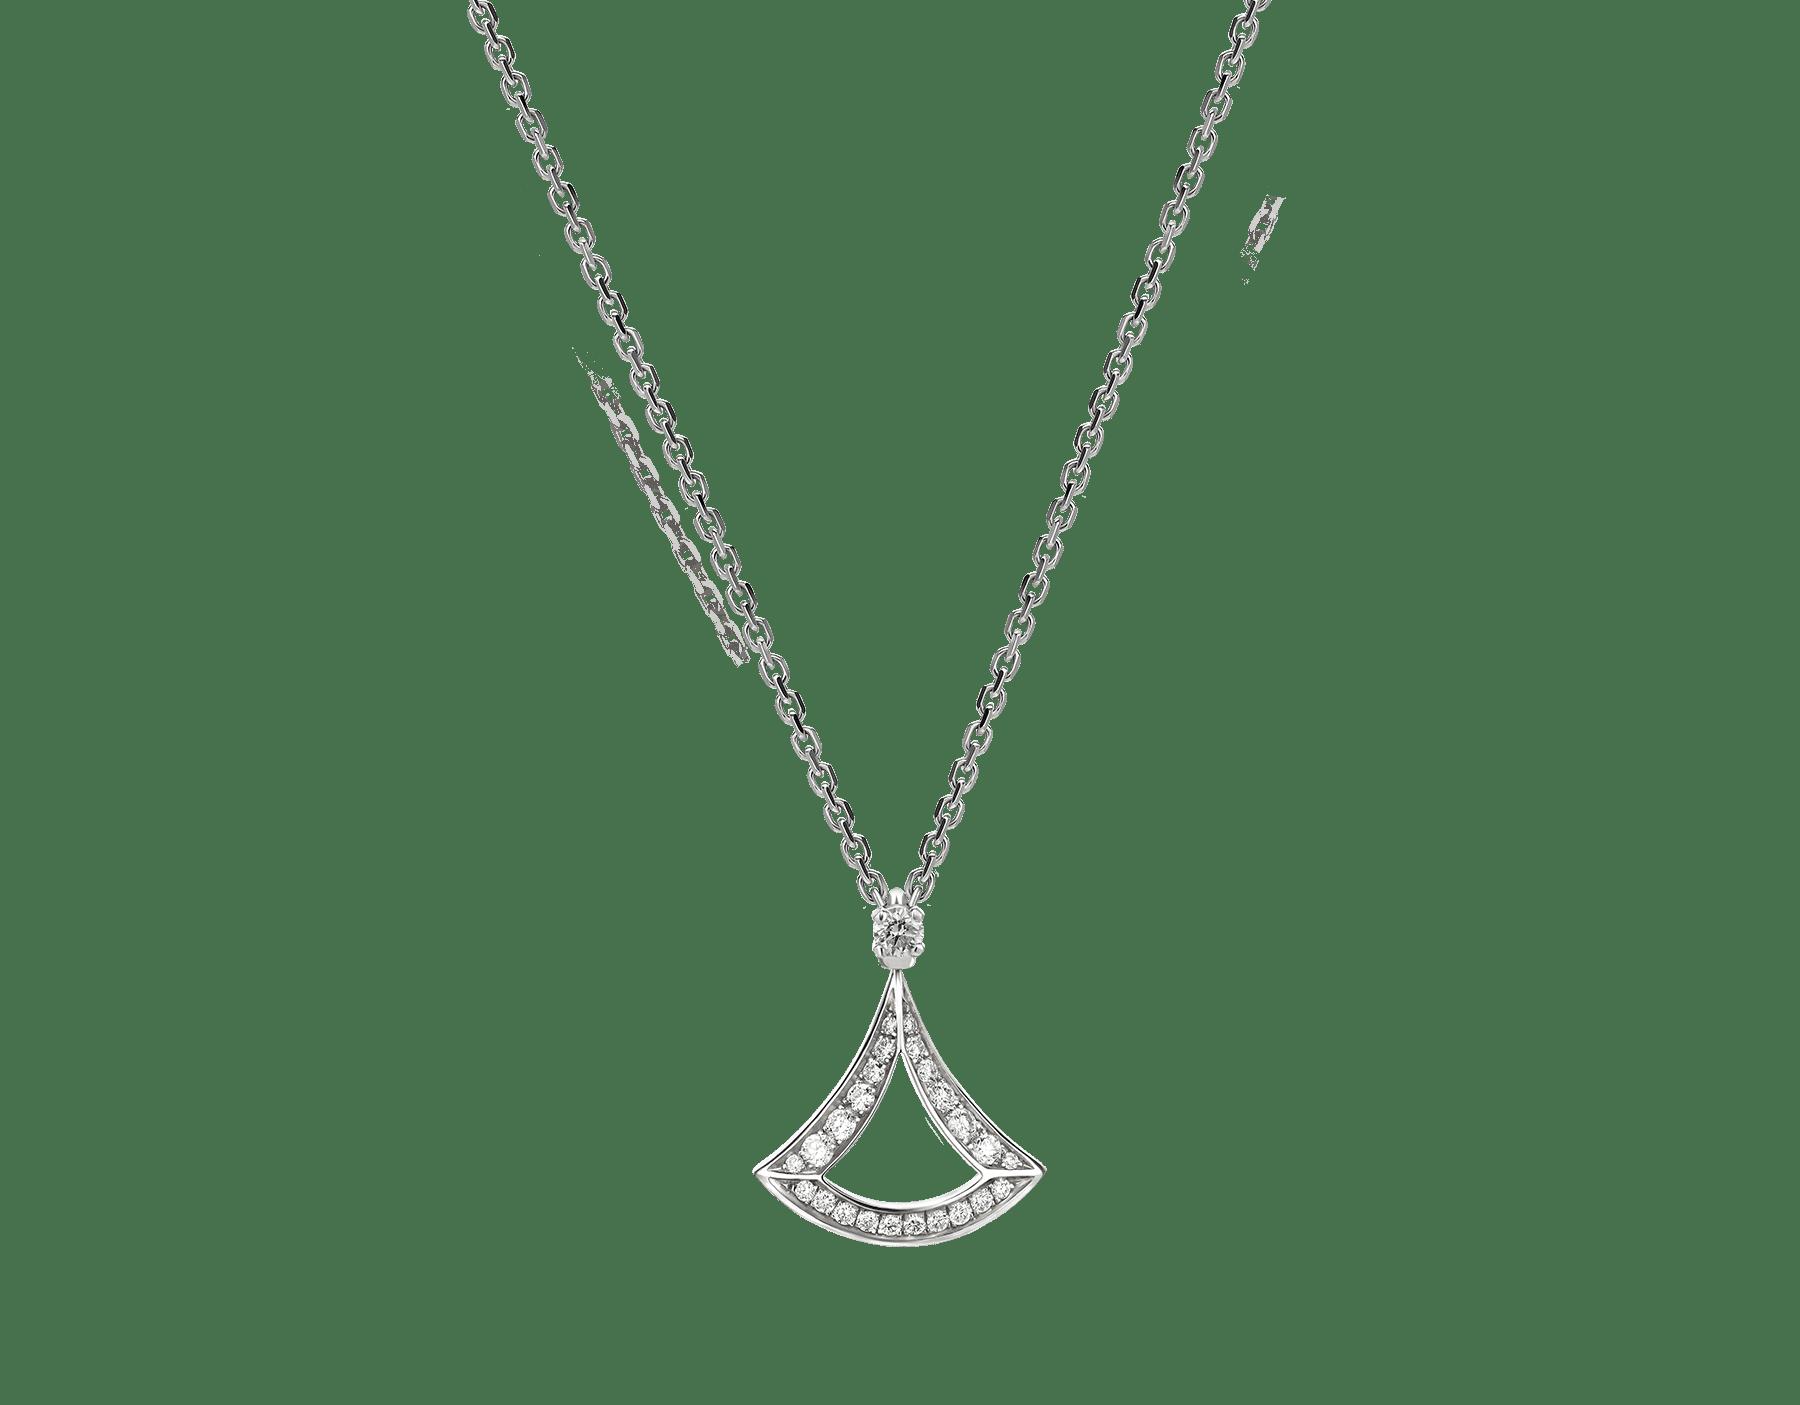 Collar calado DIVAS' DREAM en oro blanco de 18qt con colgante en oro blanco de 18qt con pavé de diamantes. 354046 image 1